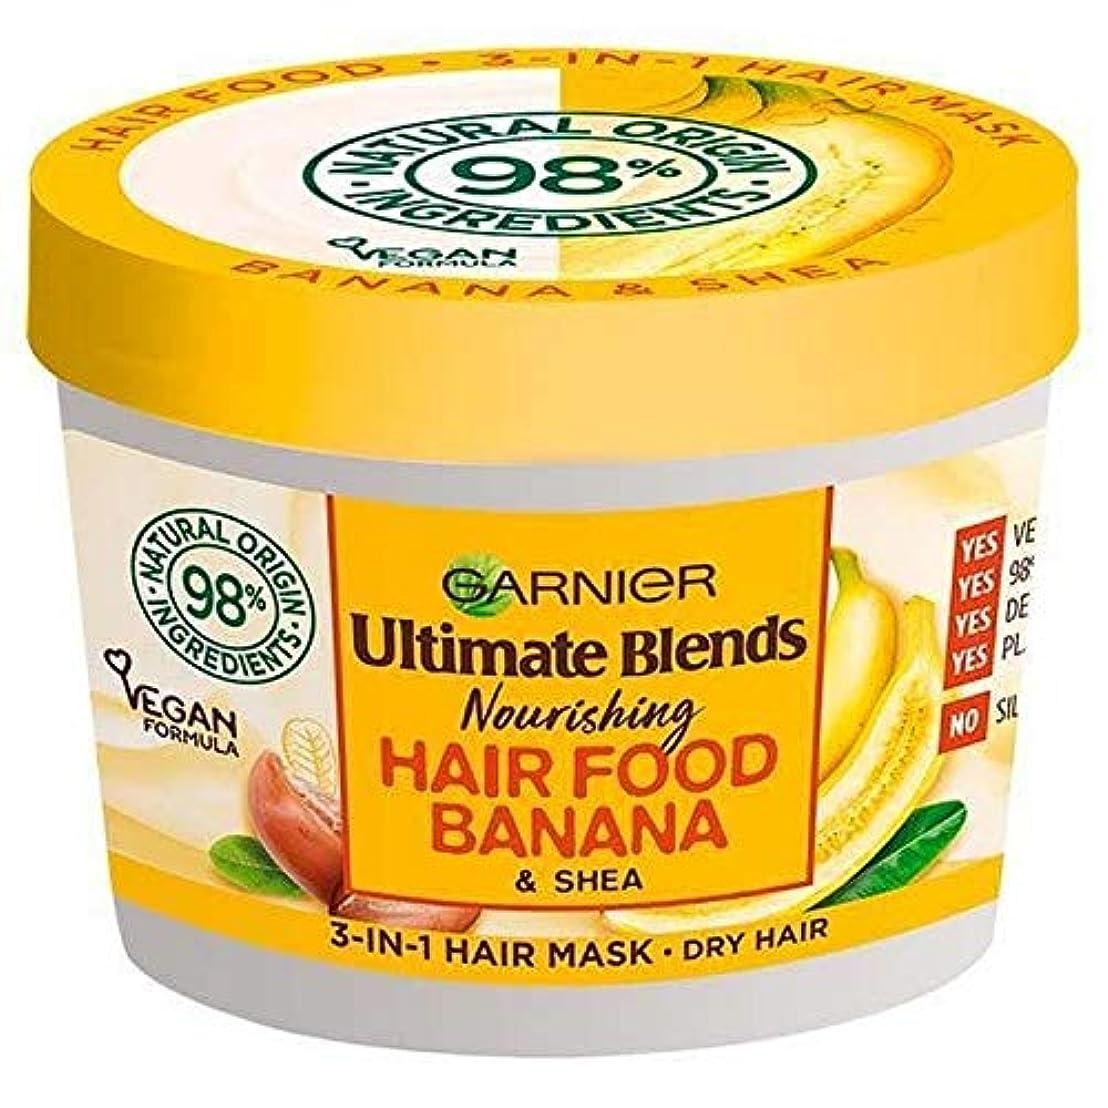 居間アクセル腐った[Garnier ] ガルニエ究極は1つのマスク390ミリリットルでヘア食品バナナ3をブレンド - Garnier Ultimate Blends Hair Food Banana 3 in 1 Mask 390ml [...